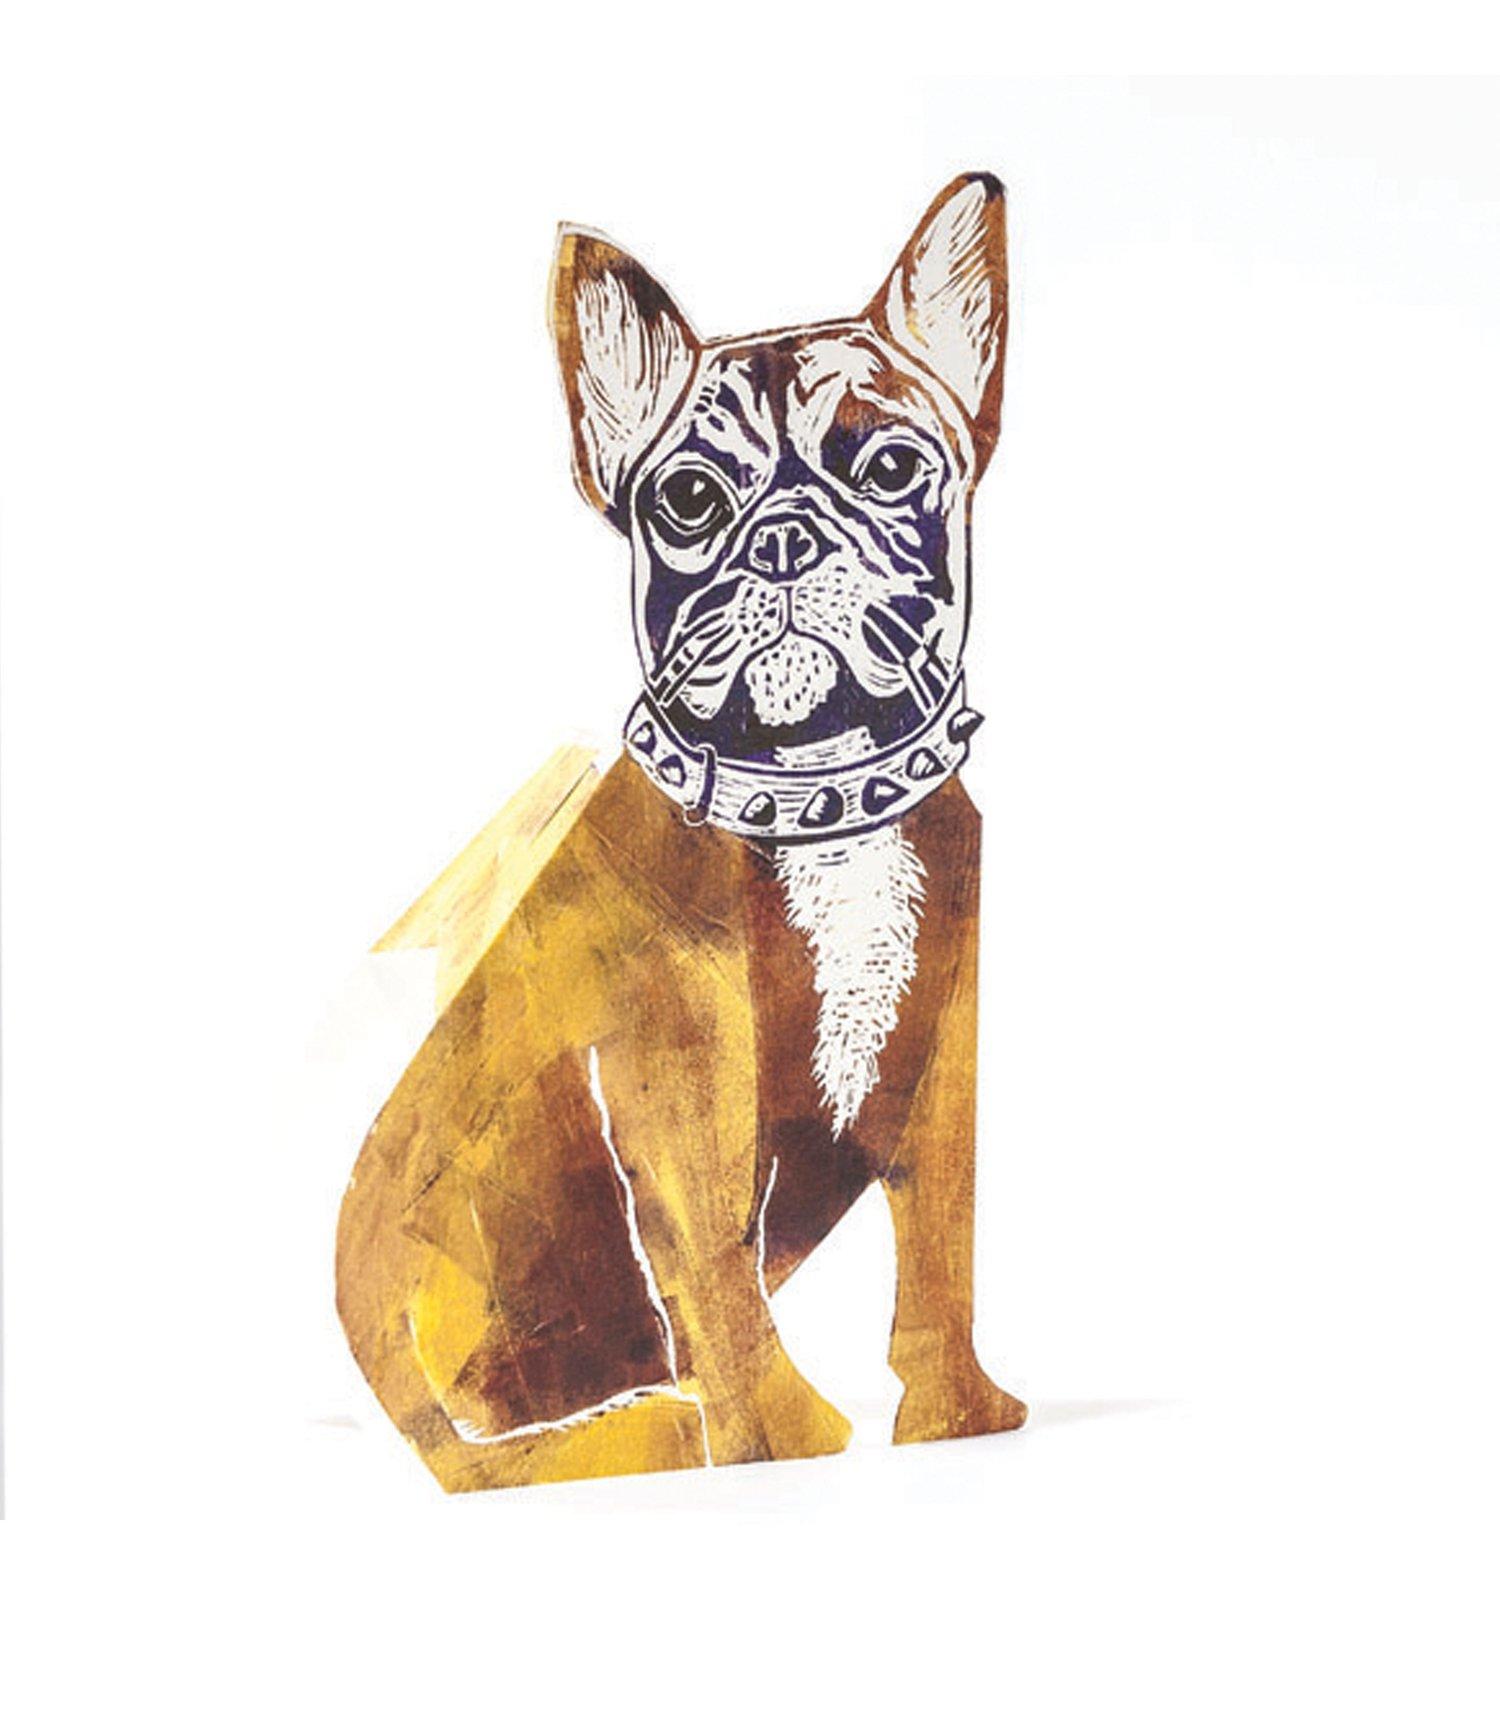 Image of Bull Dog 3D